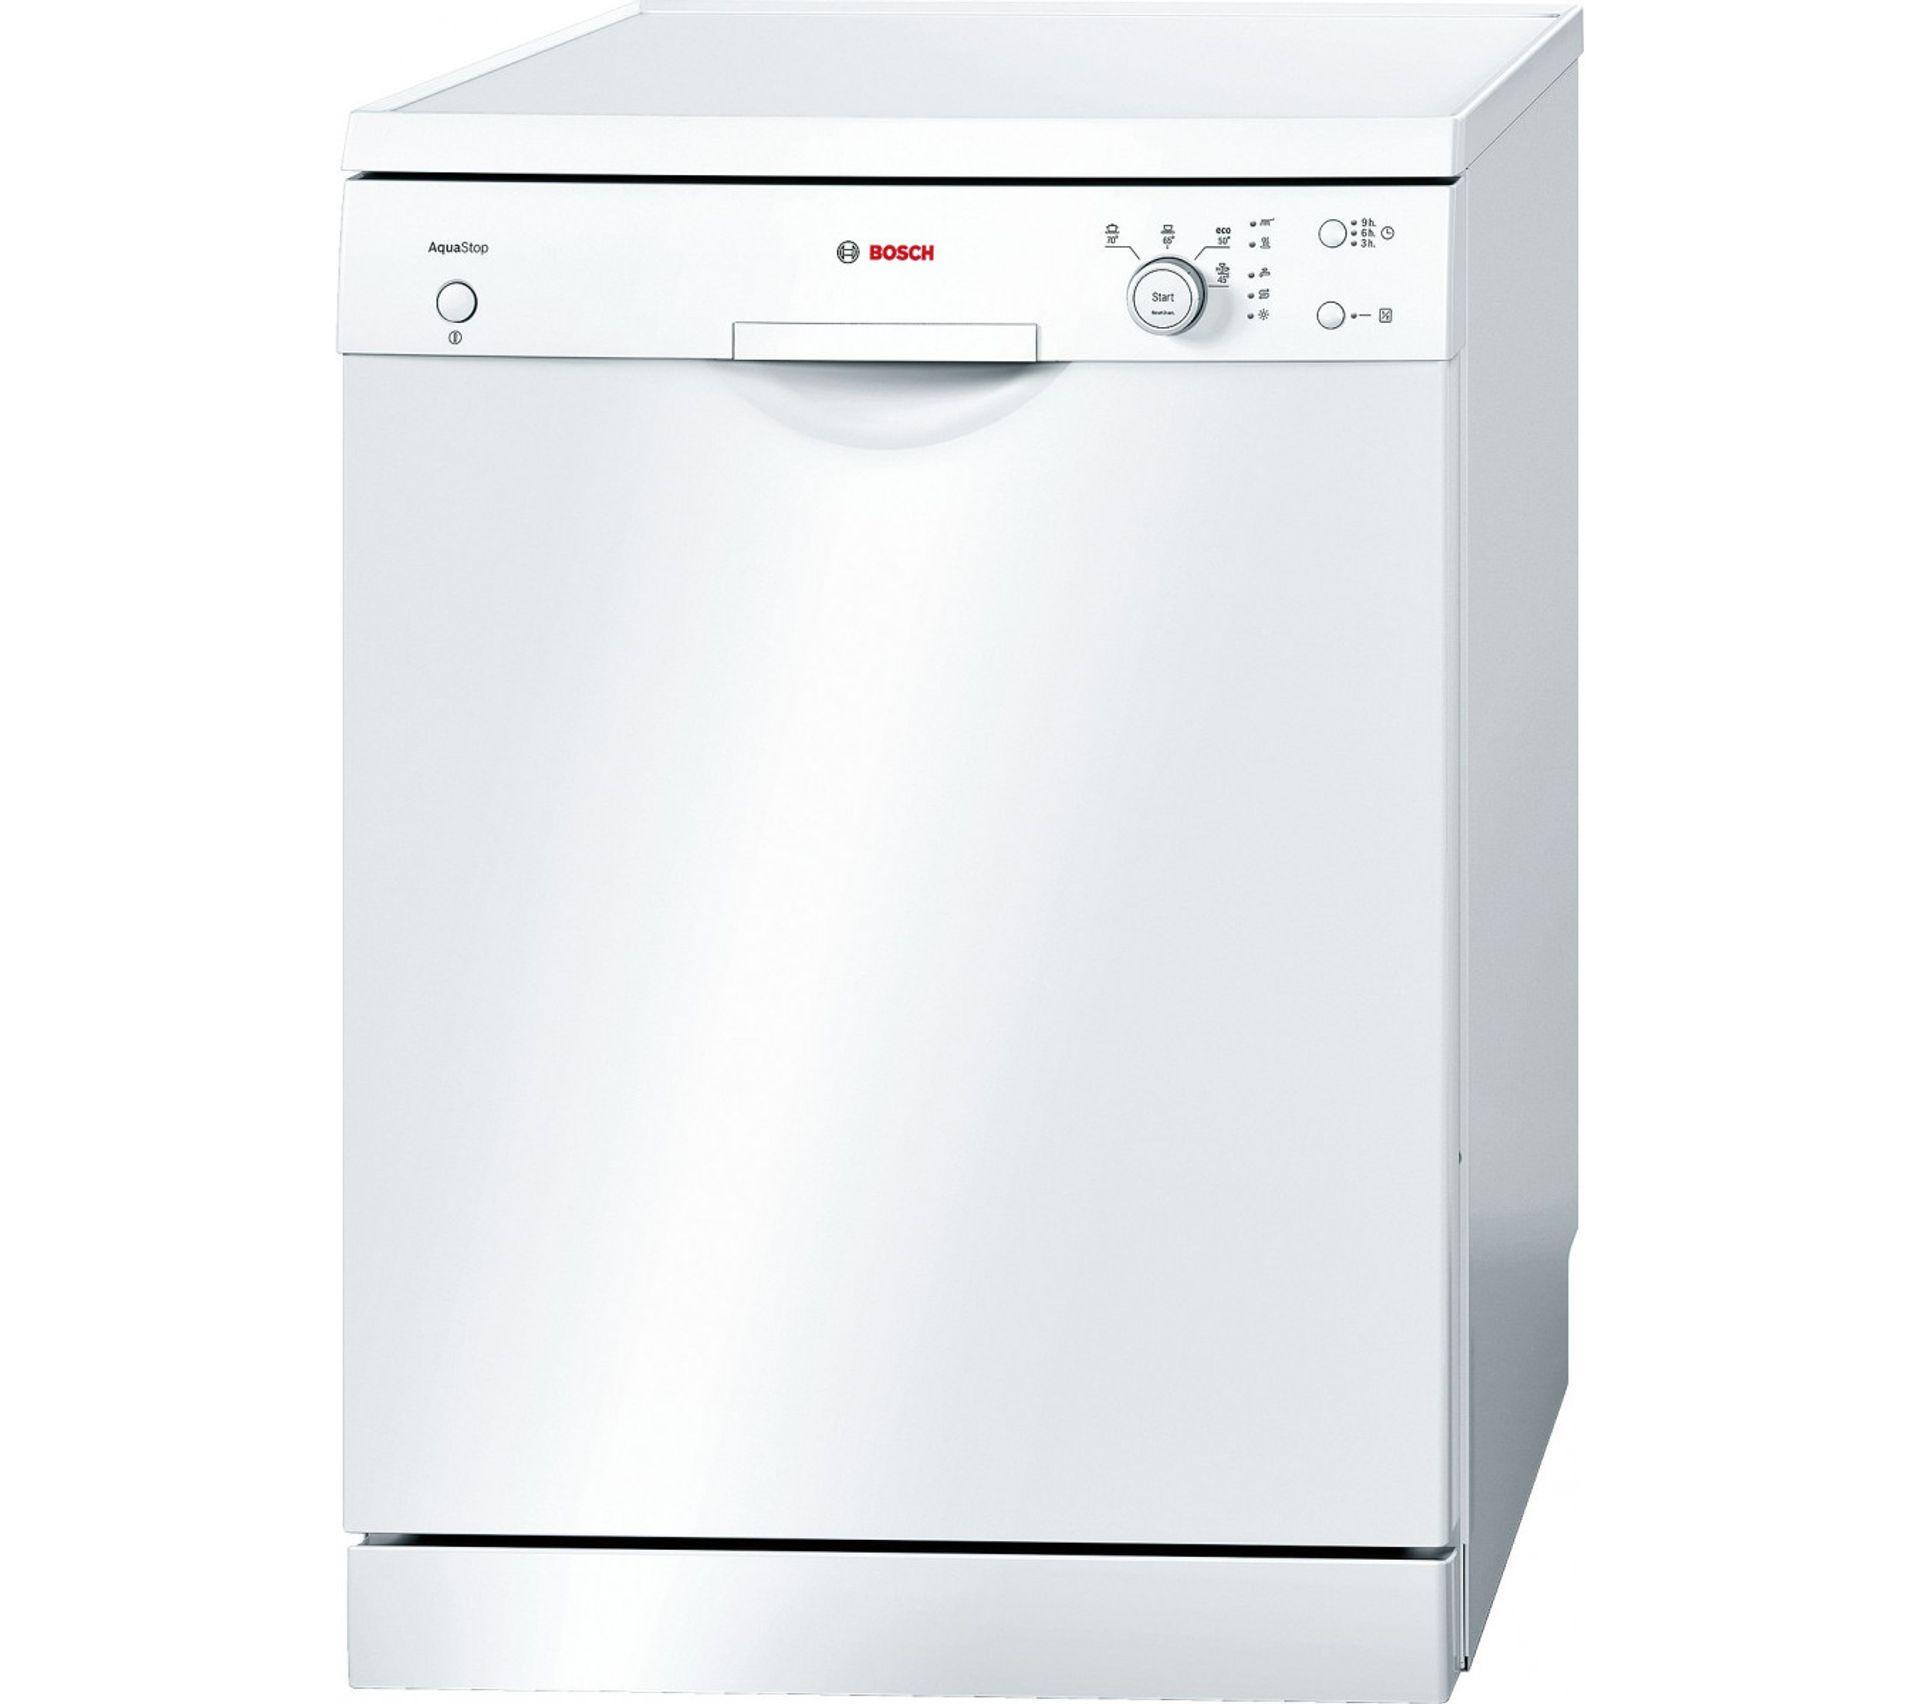 Filtre Piscine Lave Vaisselle lave-vaisselle 12 couverts a+ sms 24 aw 03 e